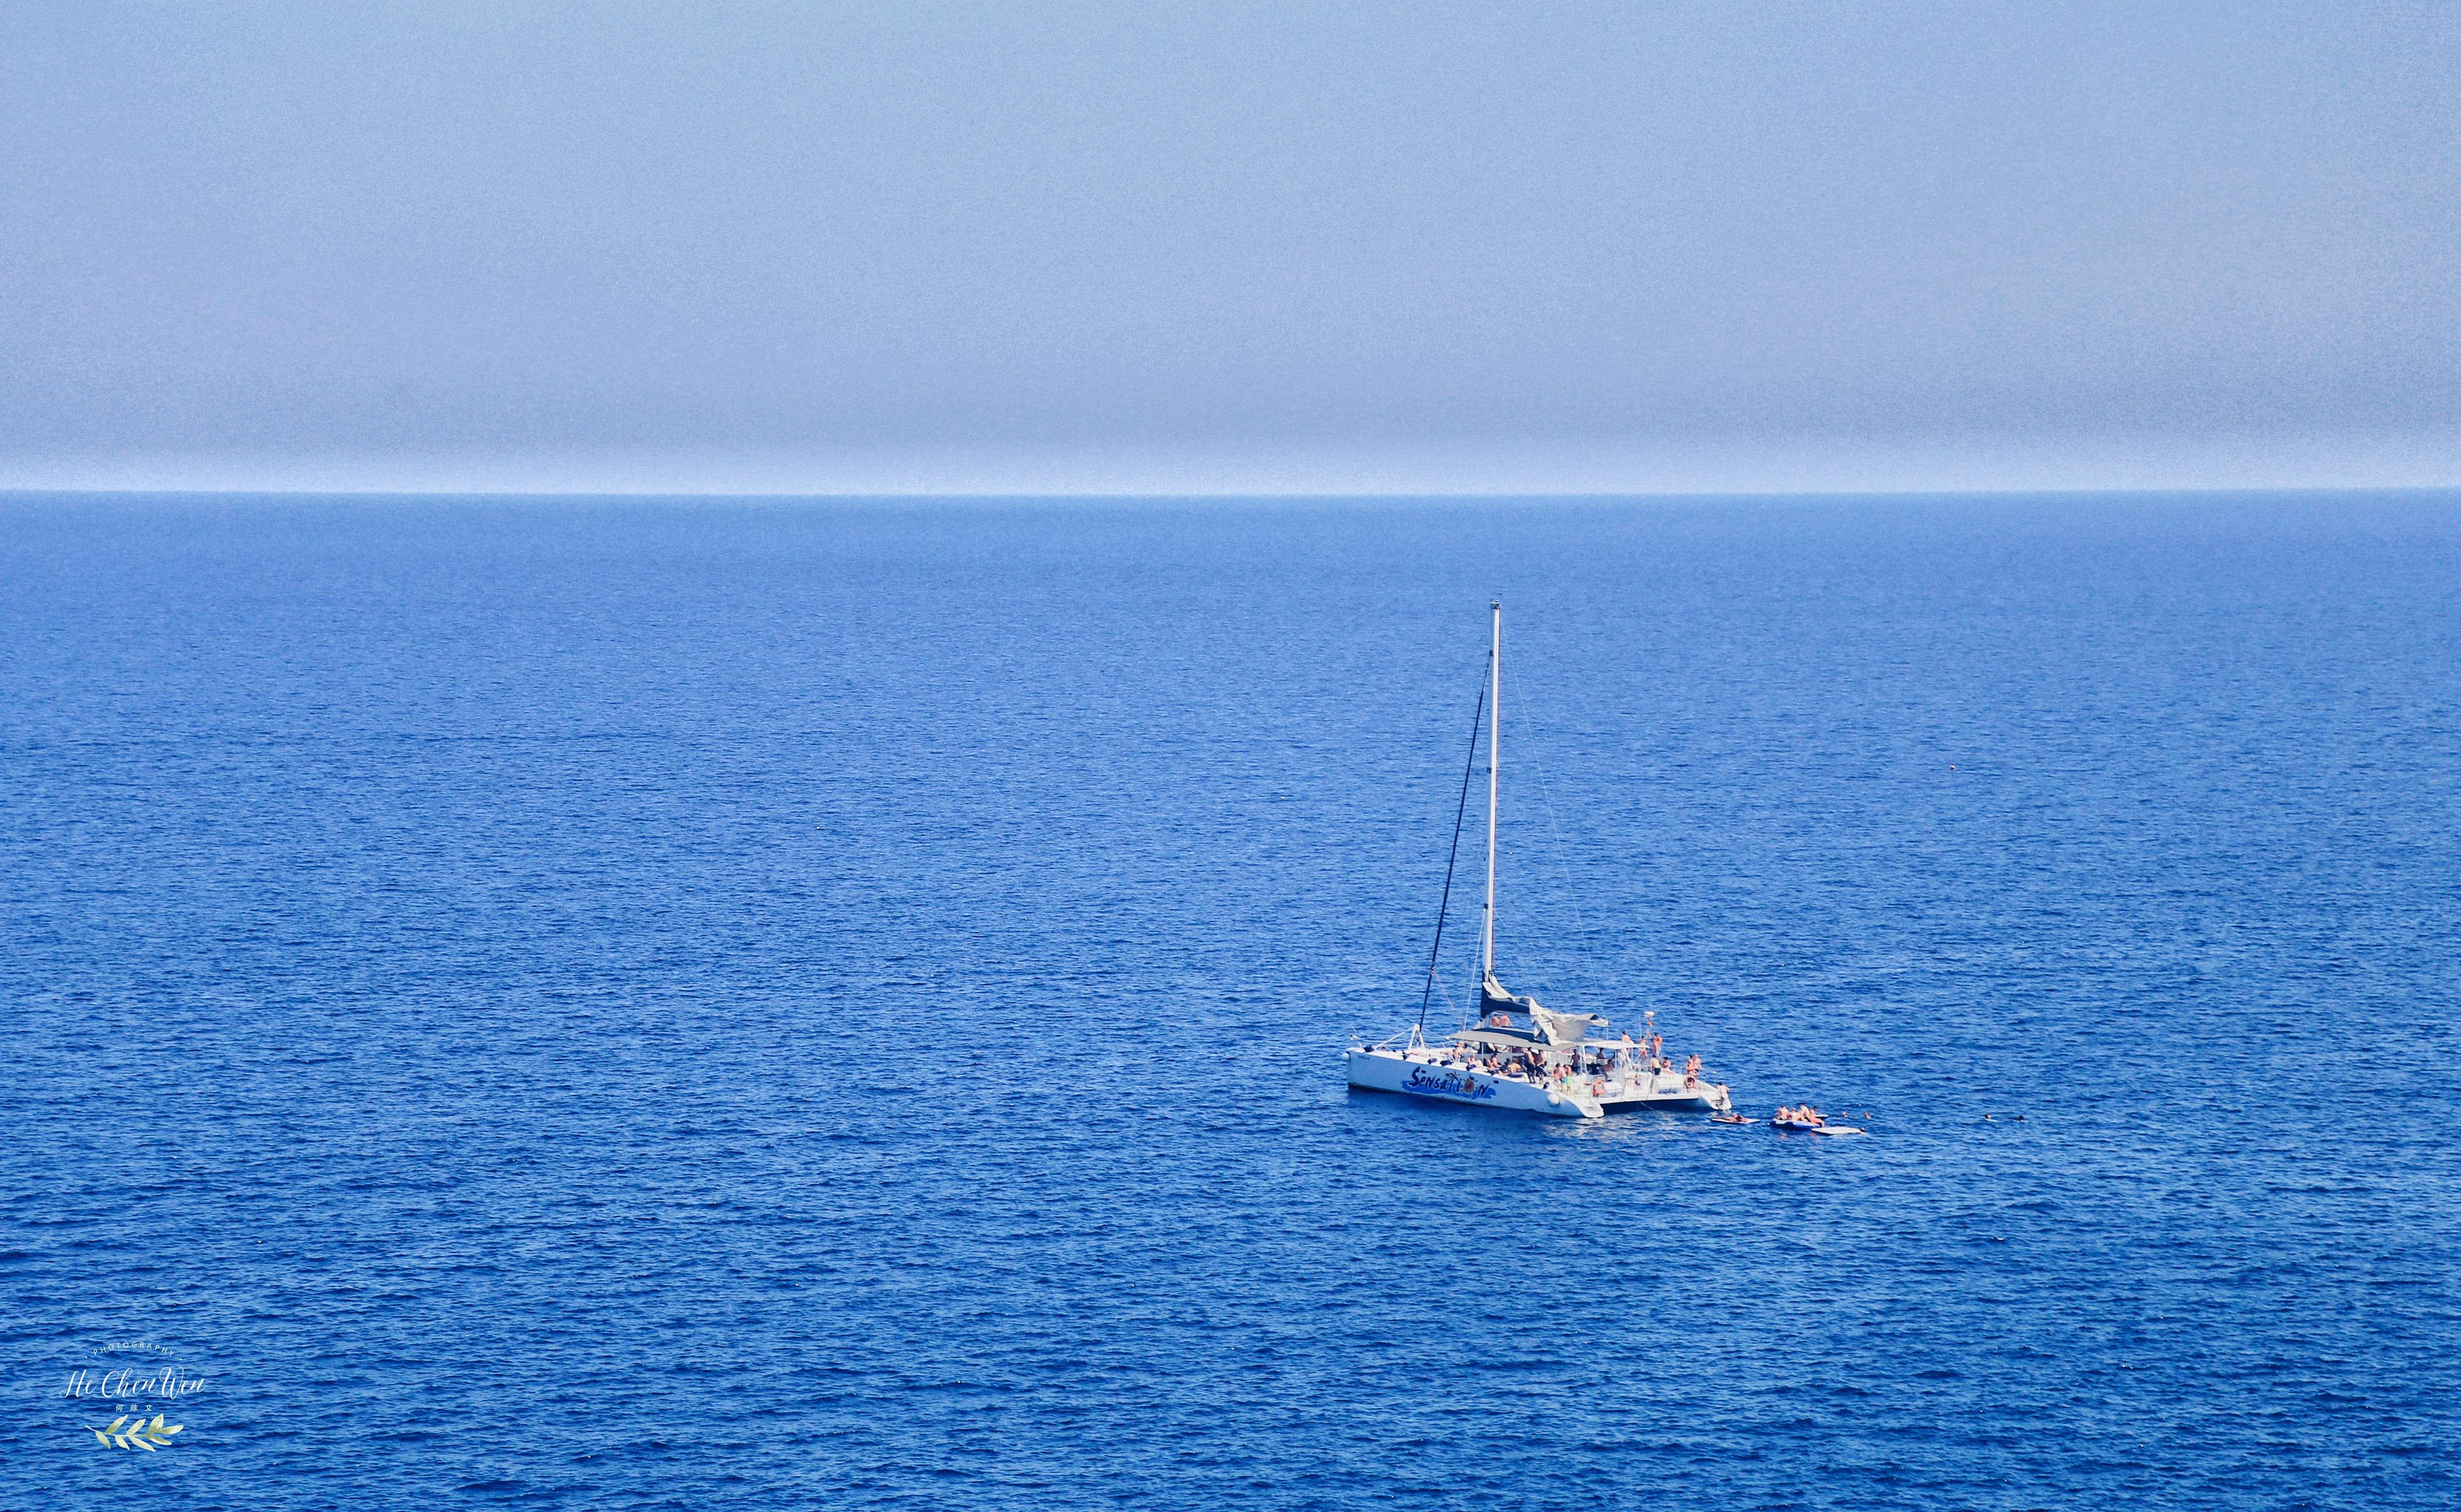 原创            追寻《蓝色大海传说》,探访小众浪漫取景地,打卡热巴同款胜地